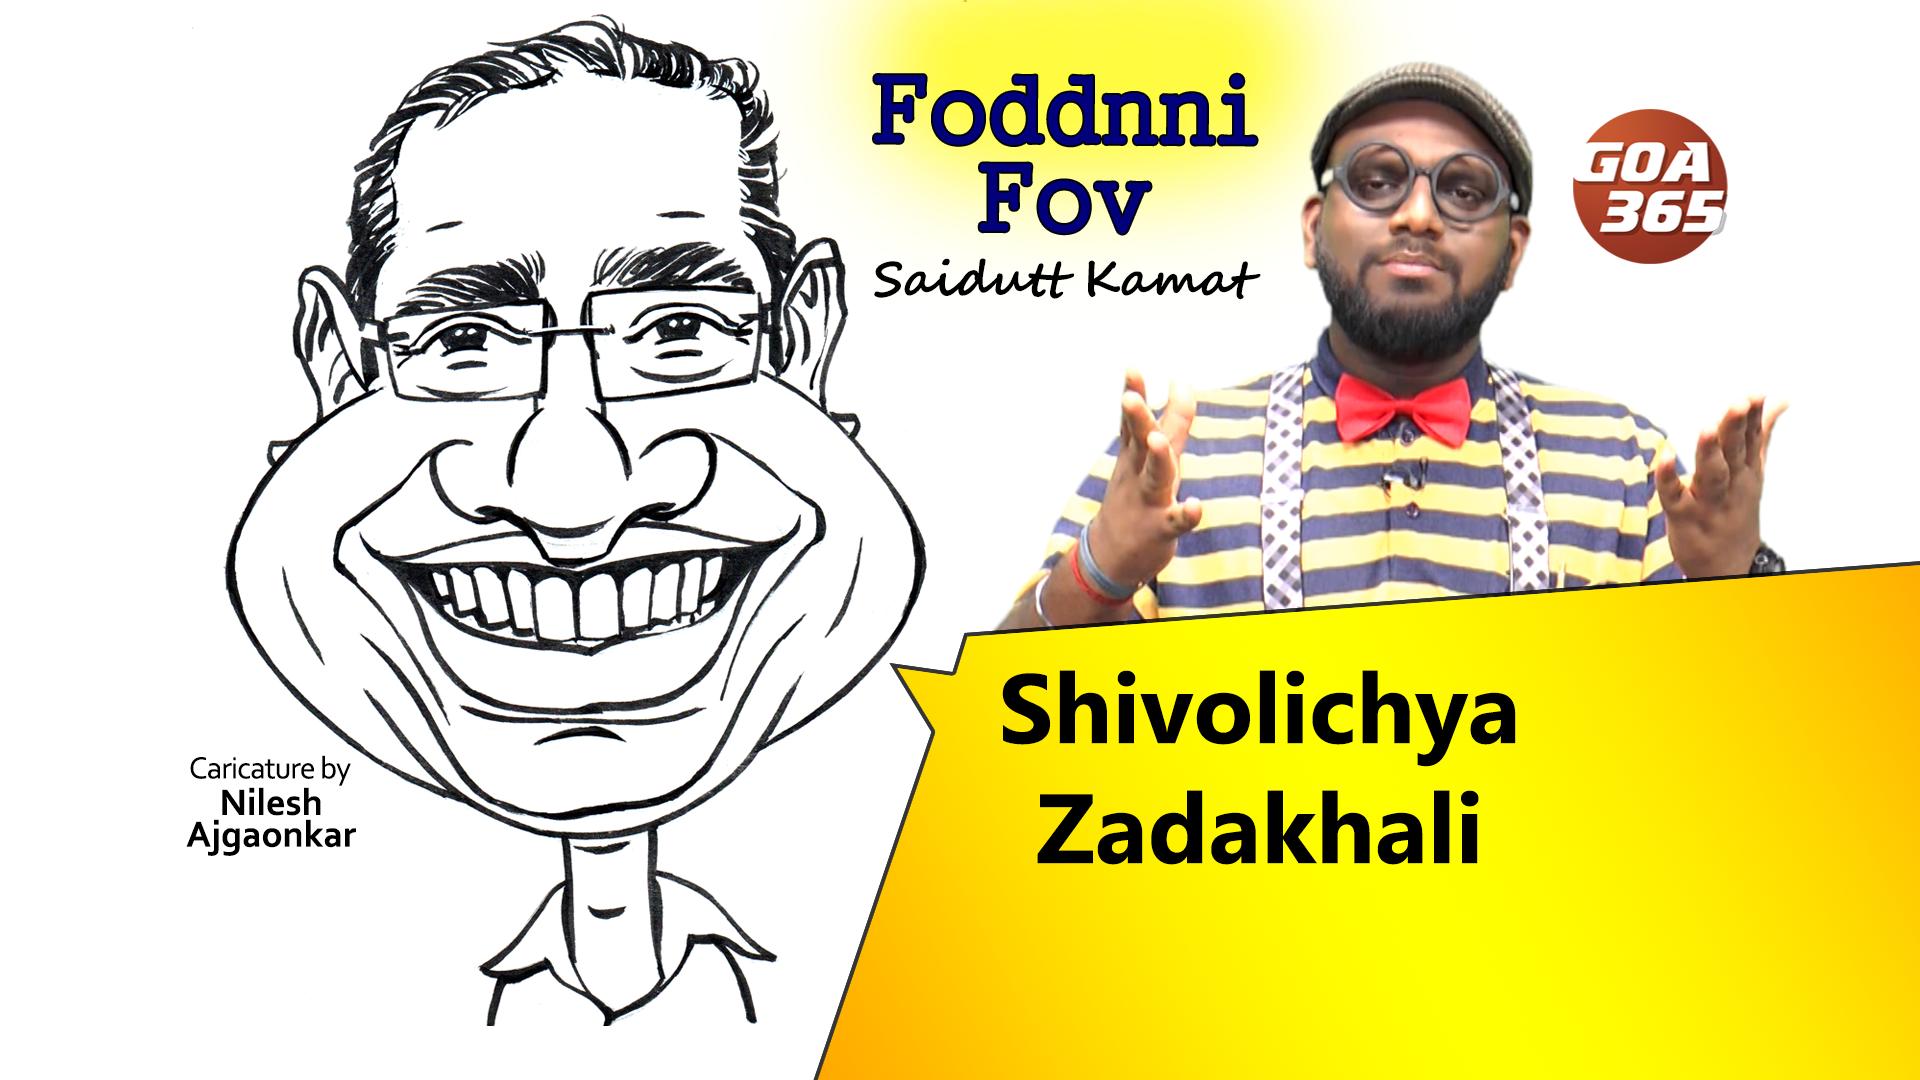 FODDNNI FOV : Shivolichya Zadakhali